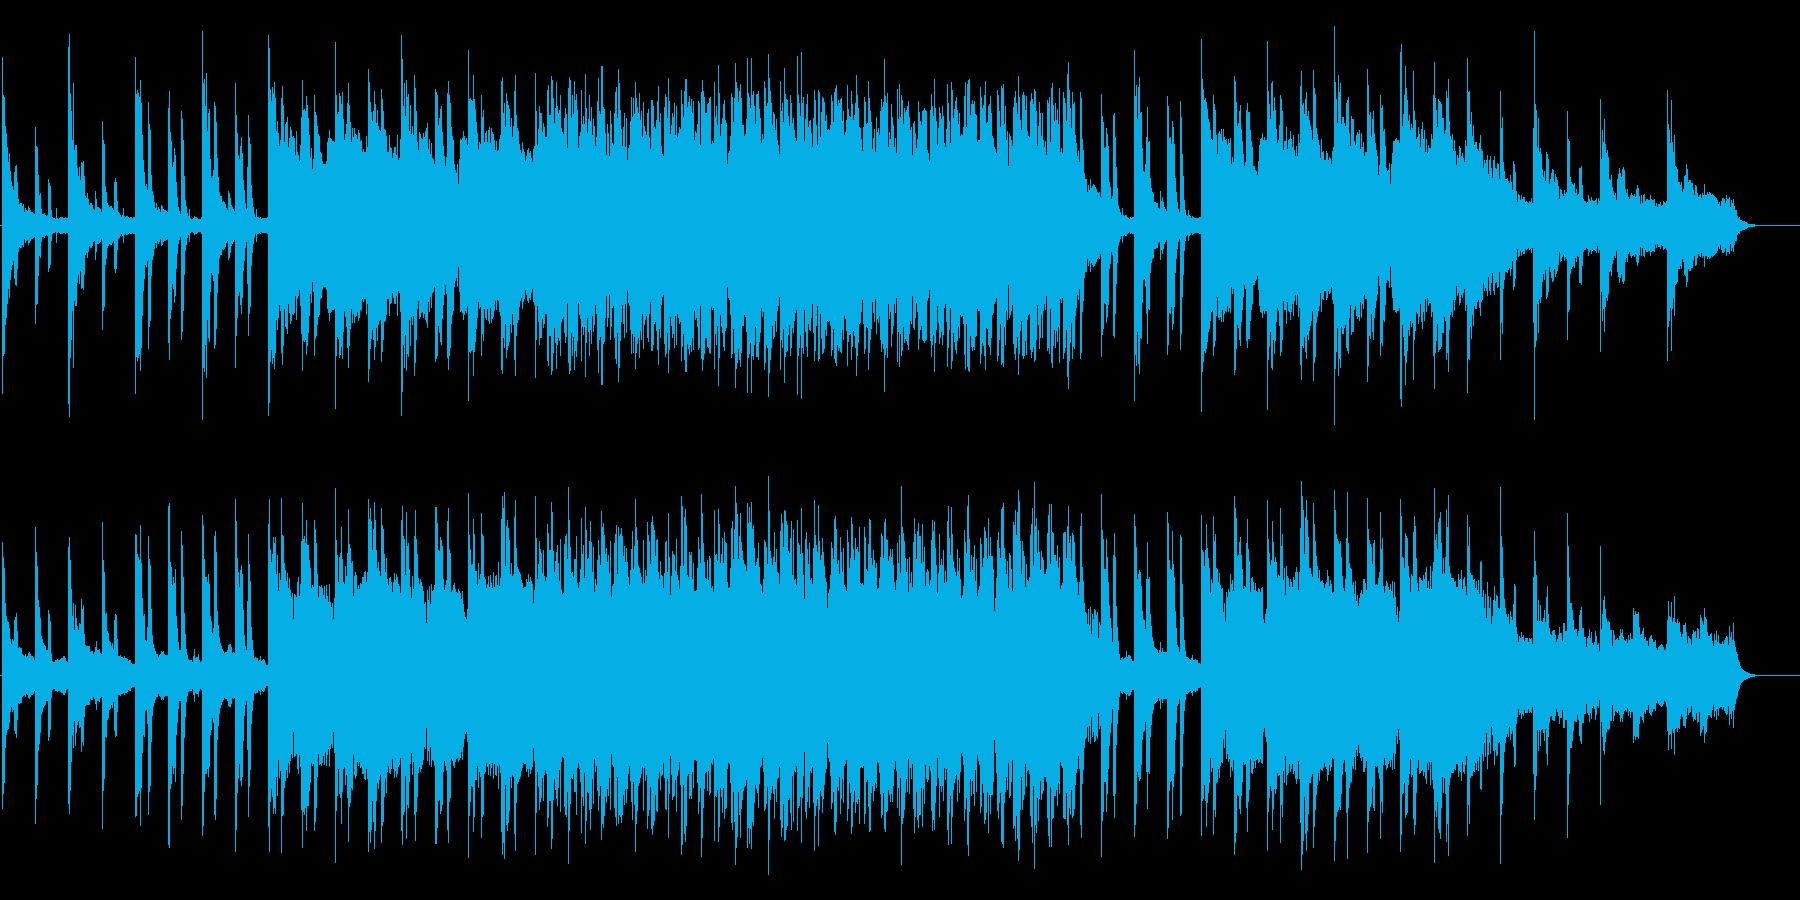 ミステリアスで民族的な印象のBGMの再生済みの波形